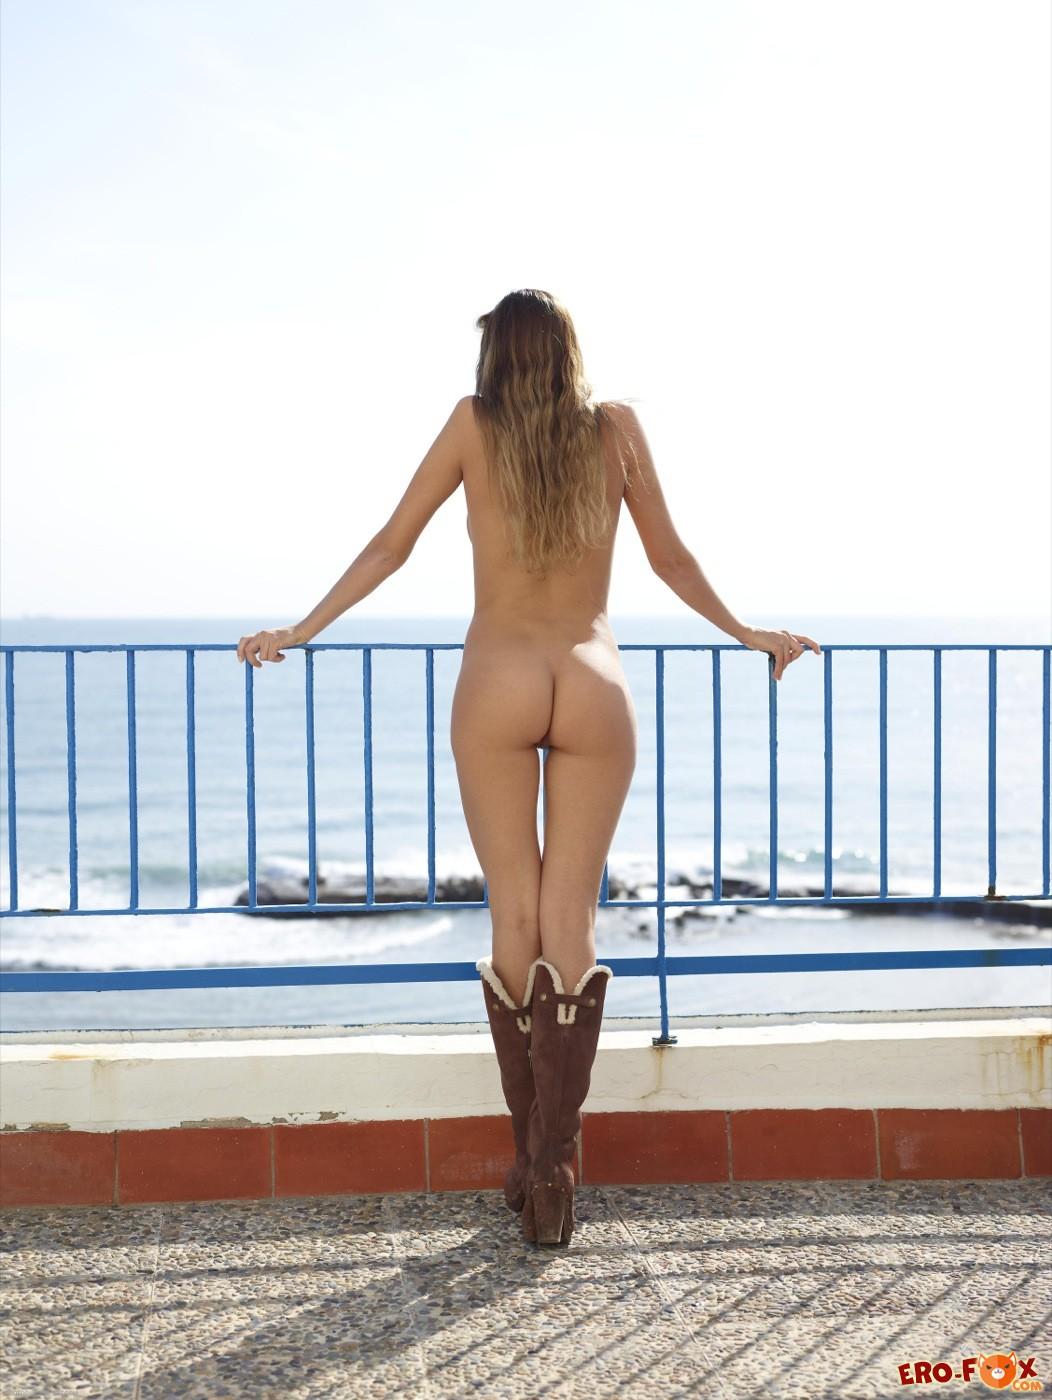 Голая русская девушка в сапогах позирует на курорте - фото